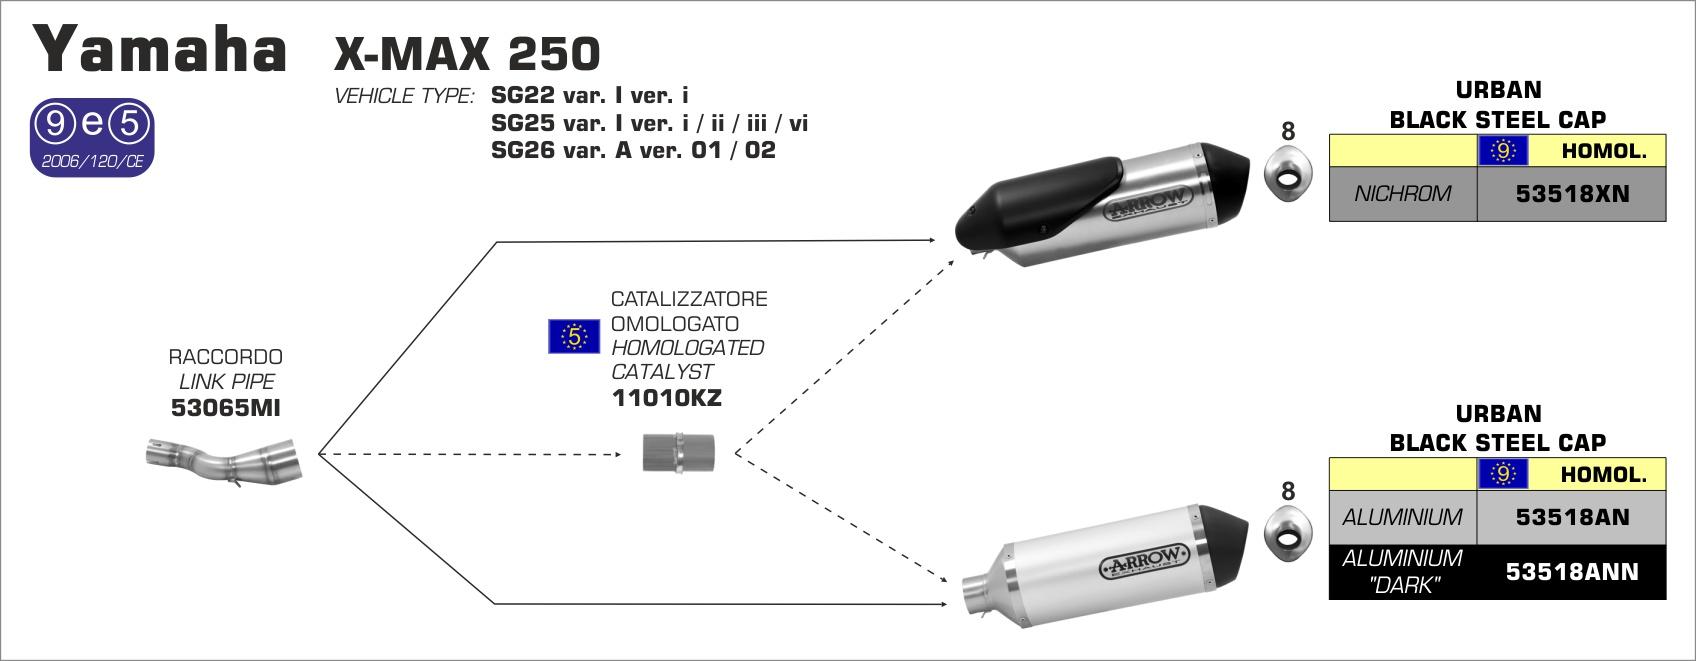 2003 Honda 600rr Wiring Diagram Not Lossing 2004 Cbr1000rr Pilot 1000rr Cbr600rr